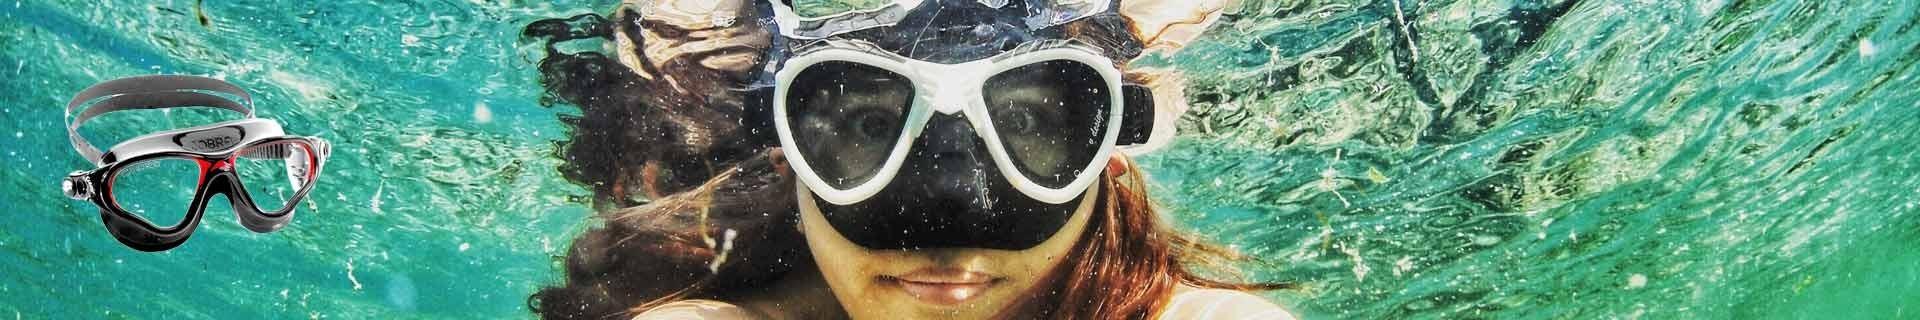 Masques & lunettes d'apnée et nage